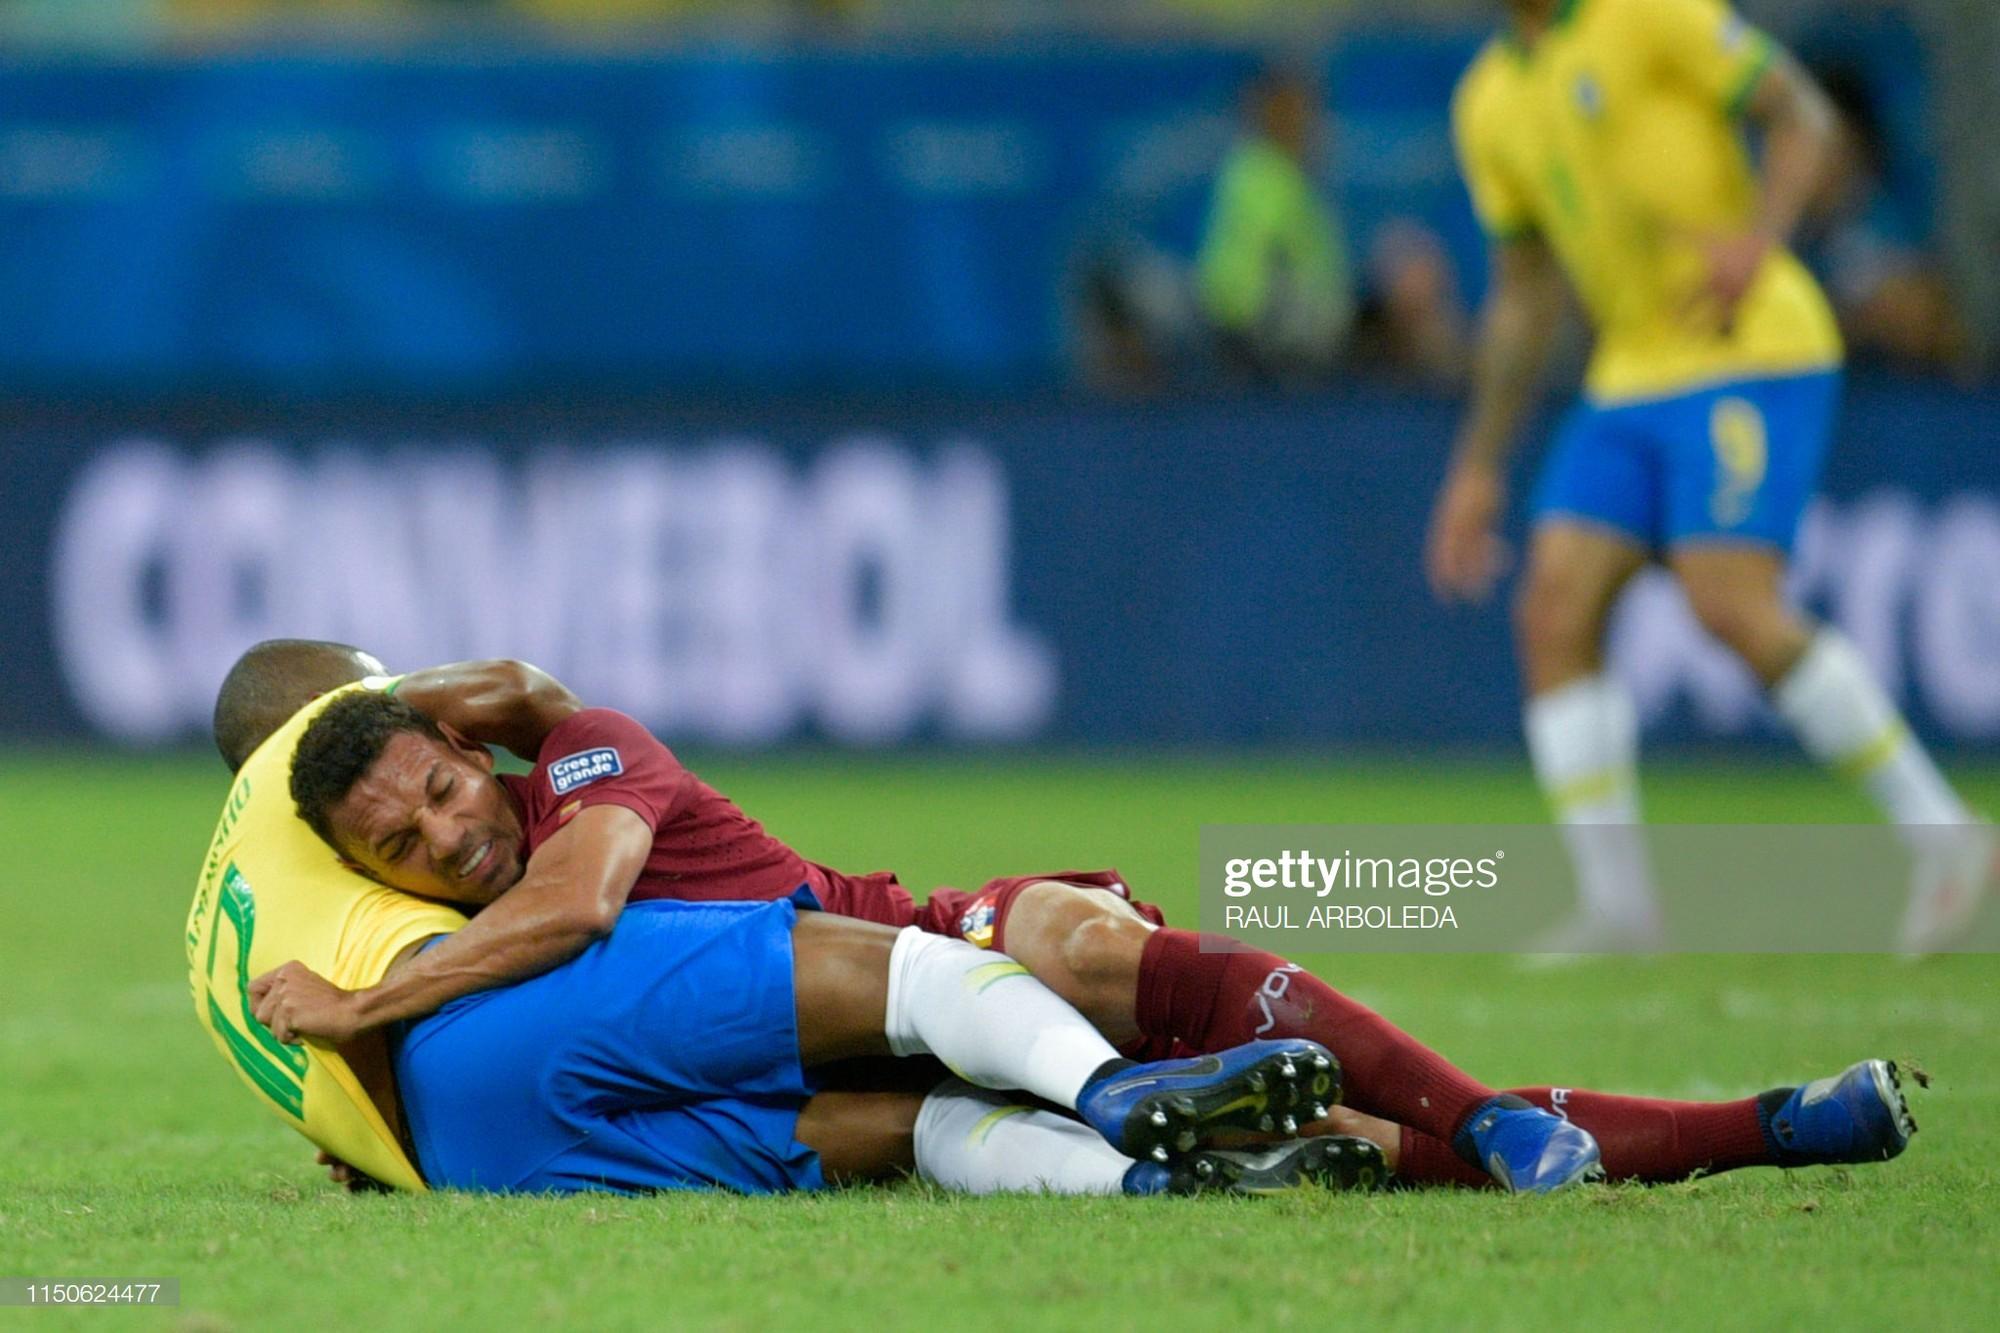 Có đội bóng nào đen đủi hơn tuyển Brazil hôm nay: 3 lần ăn mừng hụt để rồi rời sân trong nỗi thất vọng - Ảnh 7.